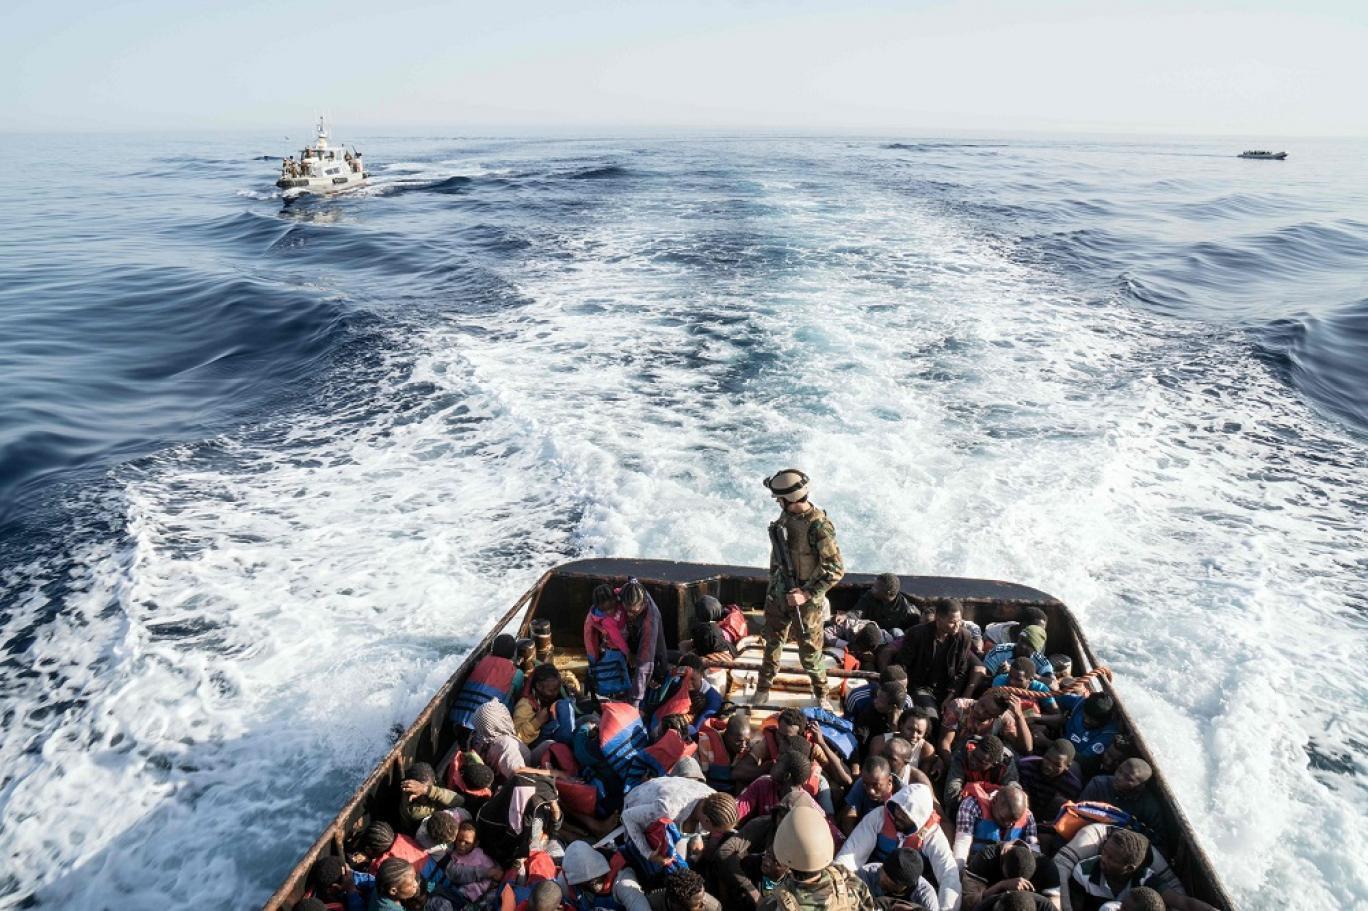 الناظور: البحرية الملكية تقدم المساعدة لـ50 مرشحا للهجرة غير الشرعية